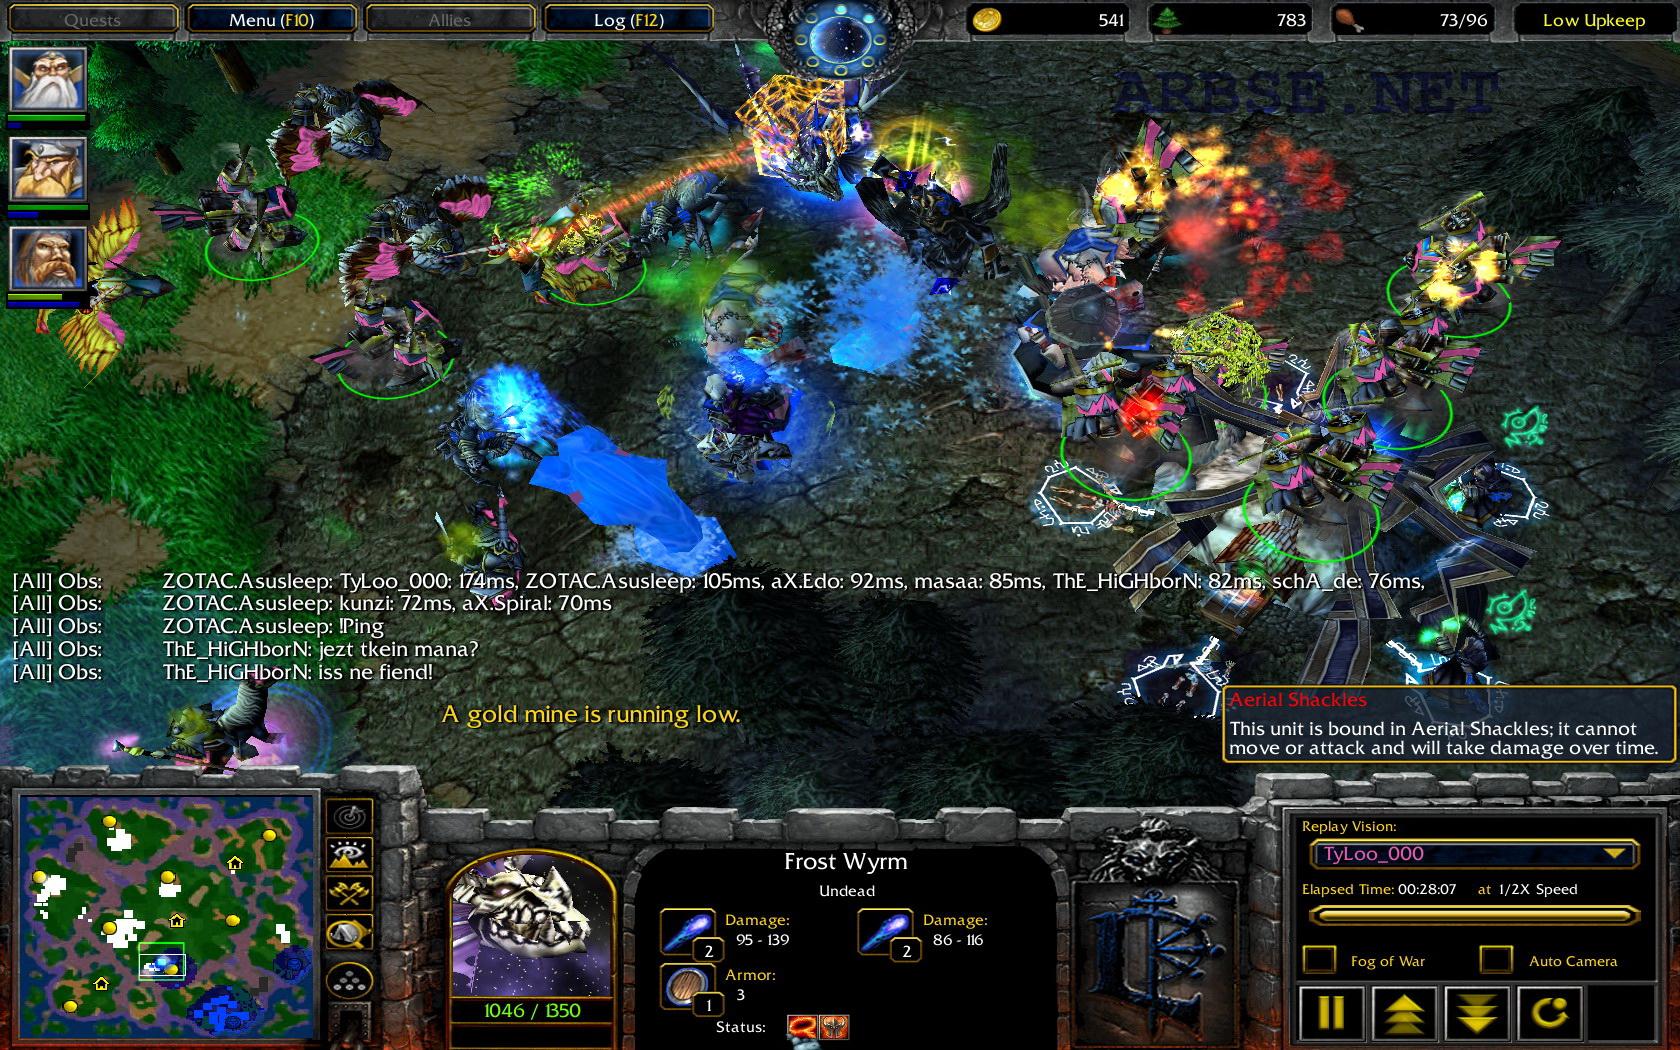 Скачать Rpg Карты для Warcraft 3